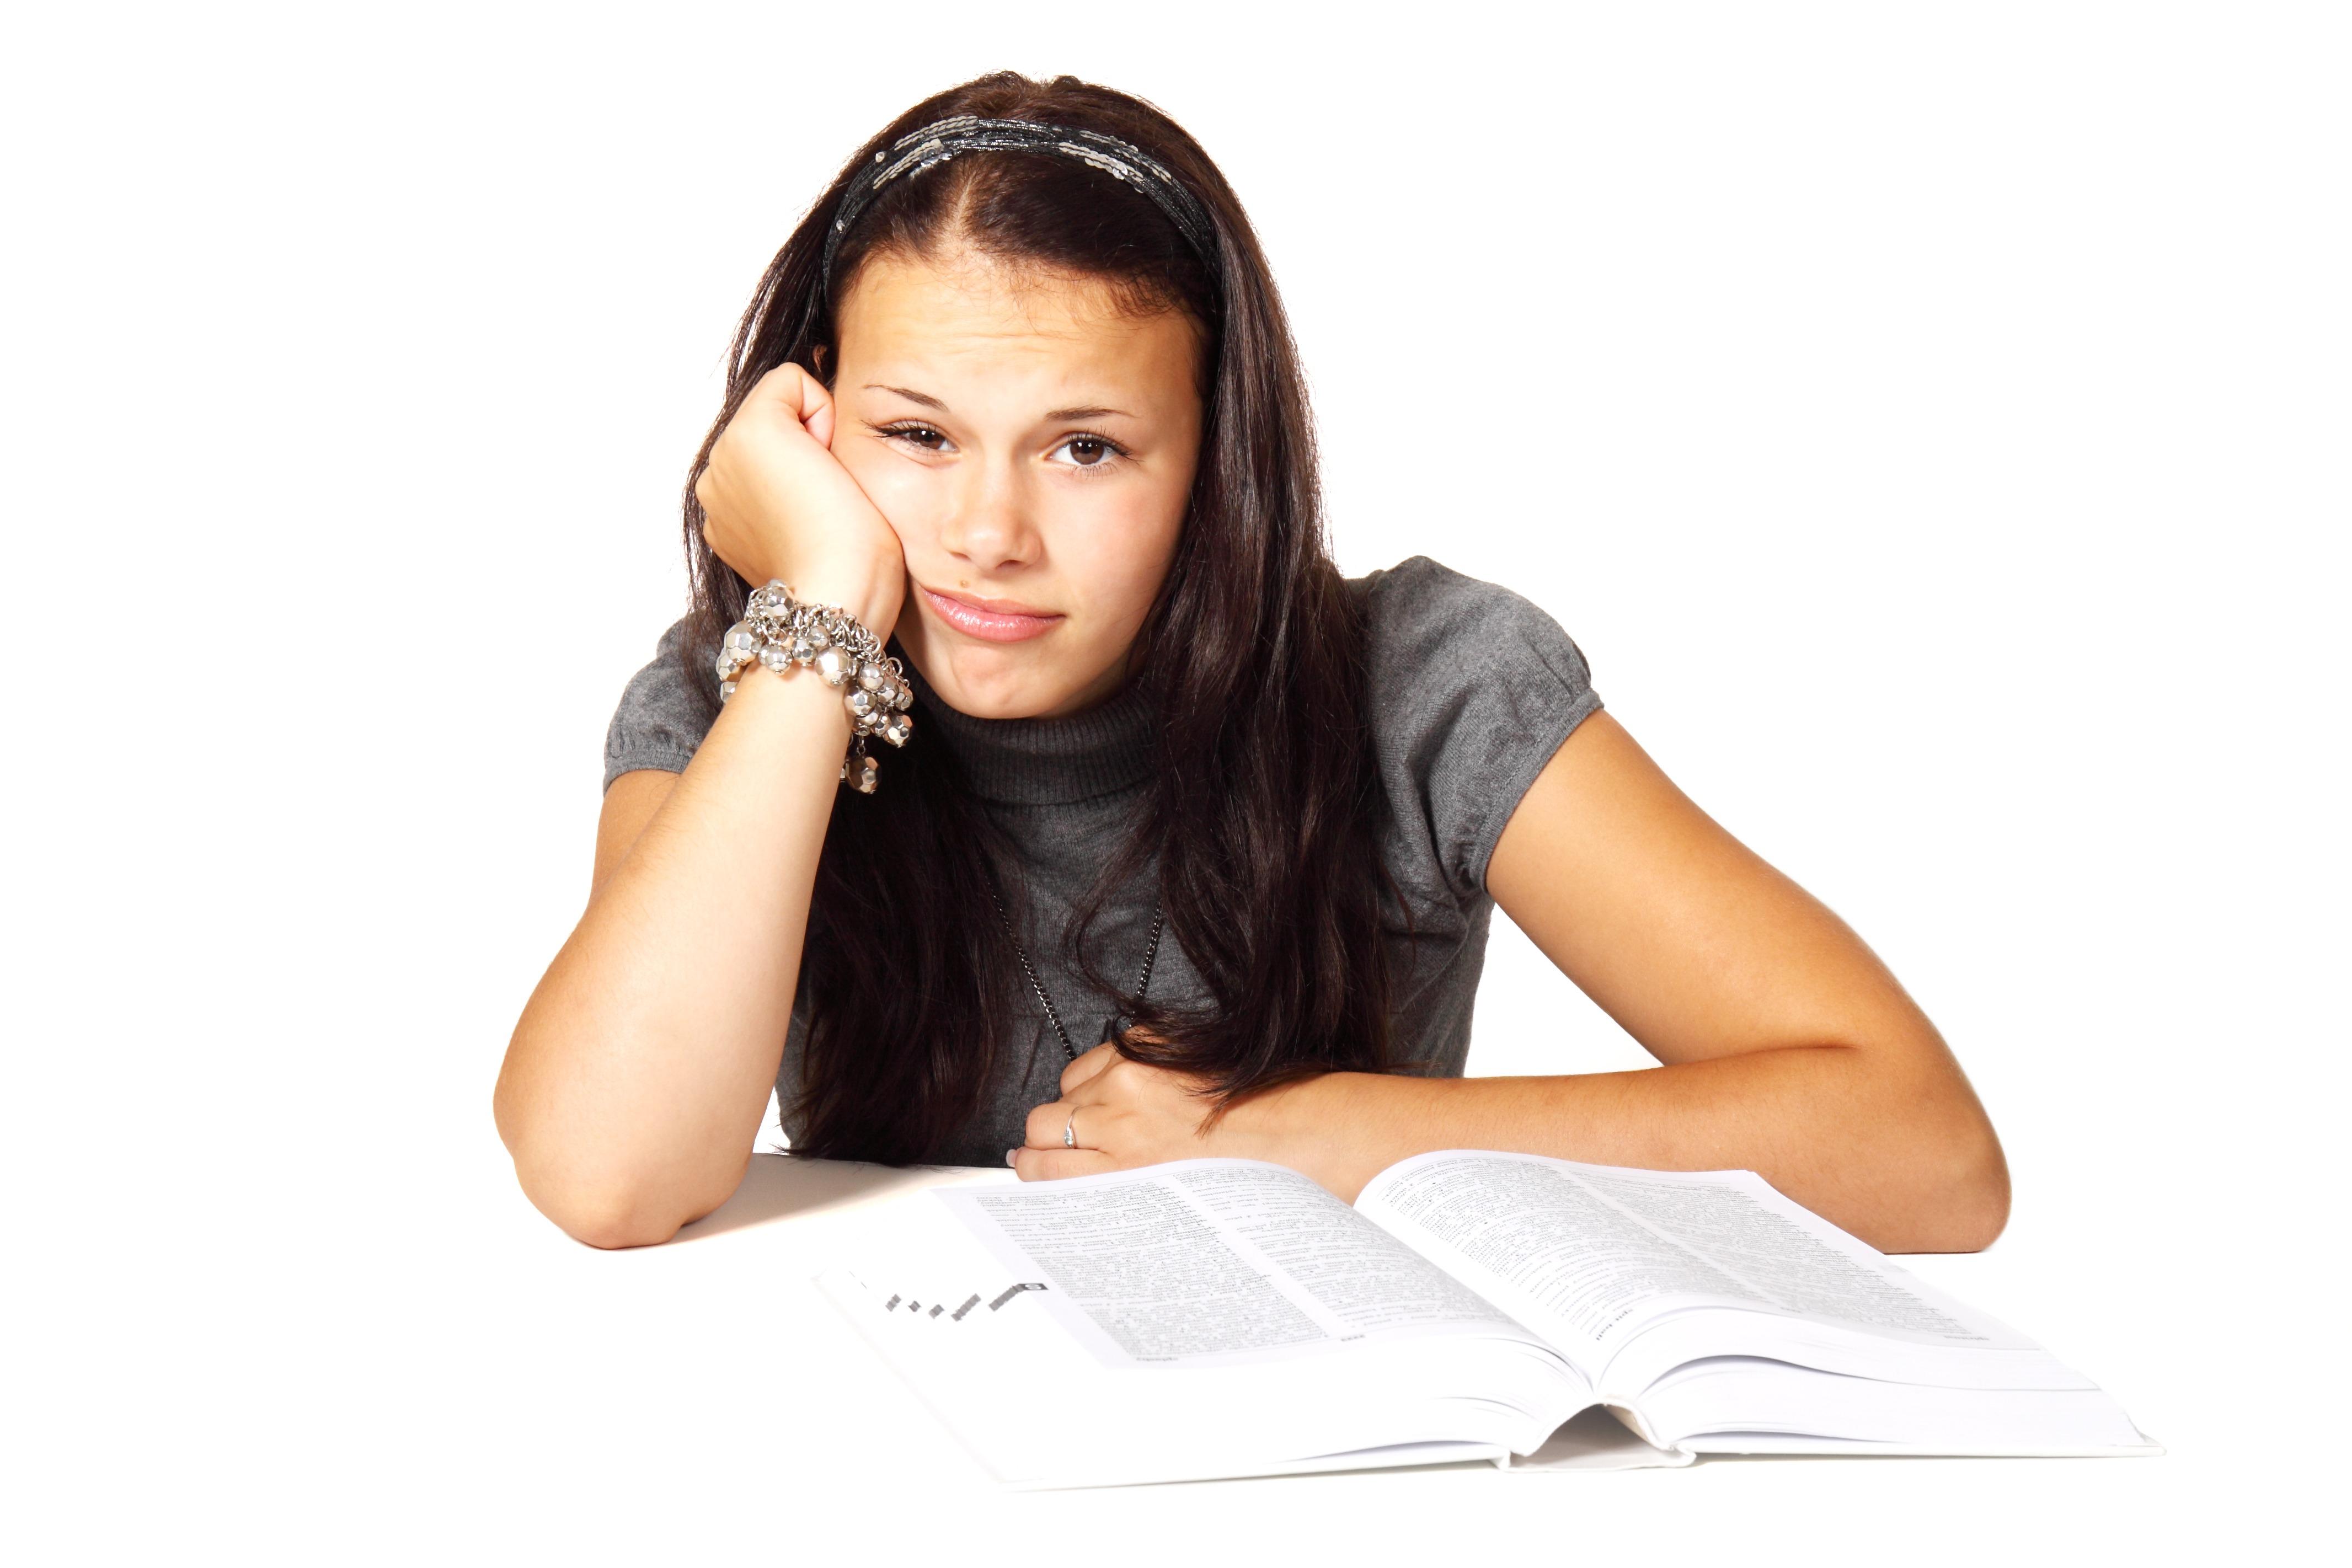 kako motivirati otroka za učenje